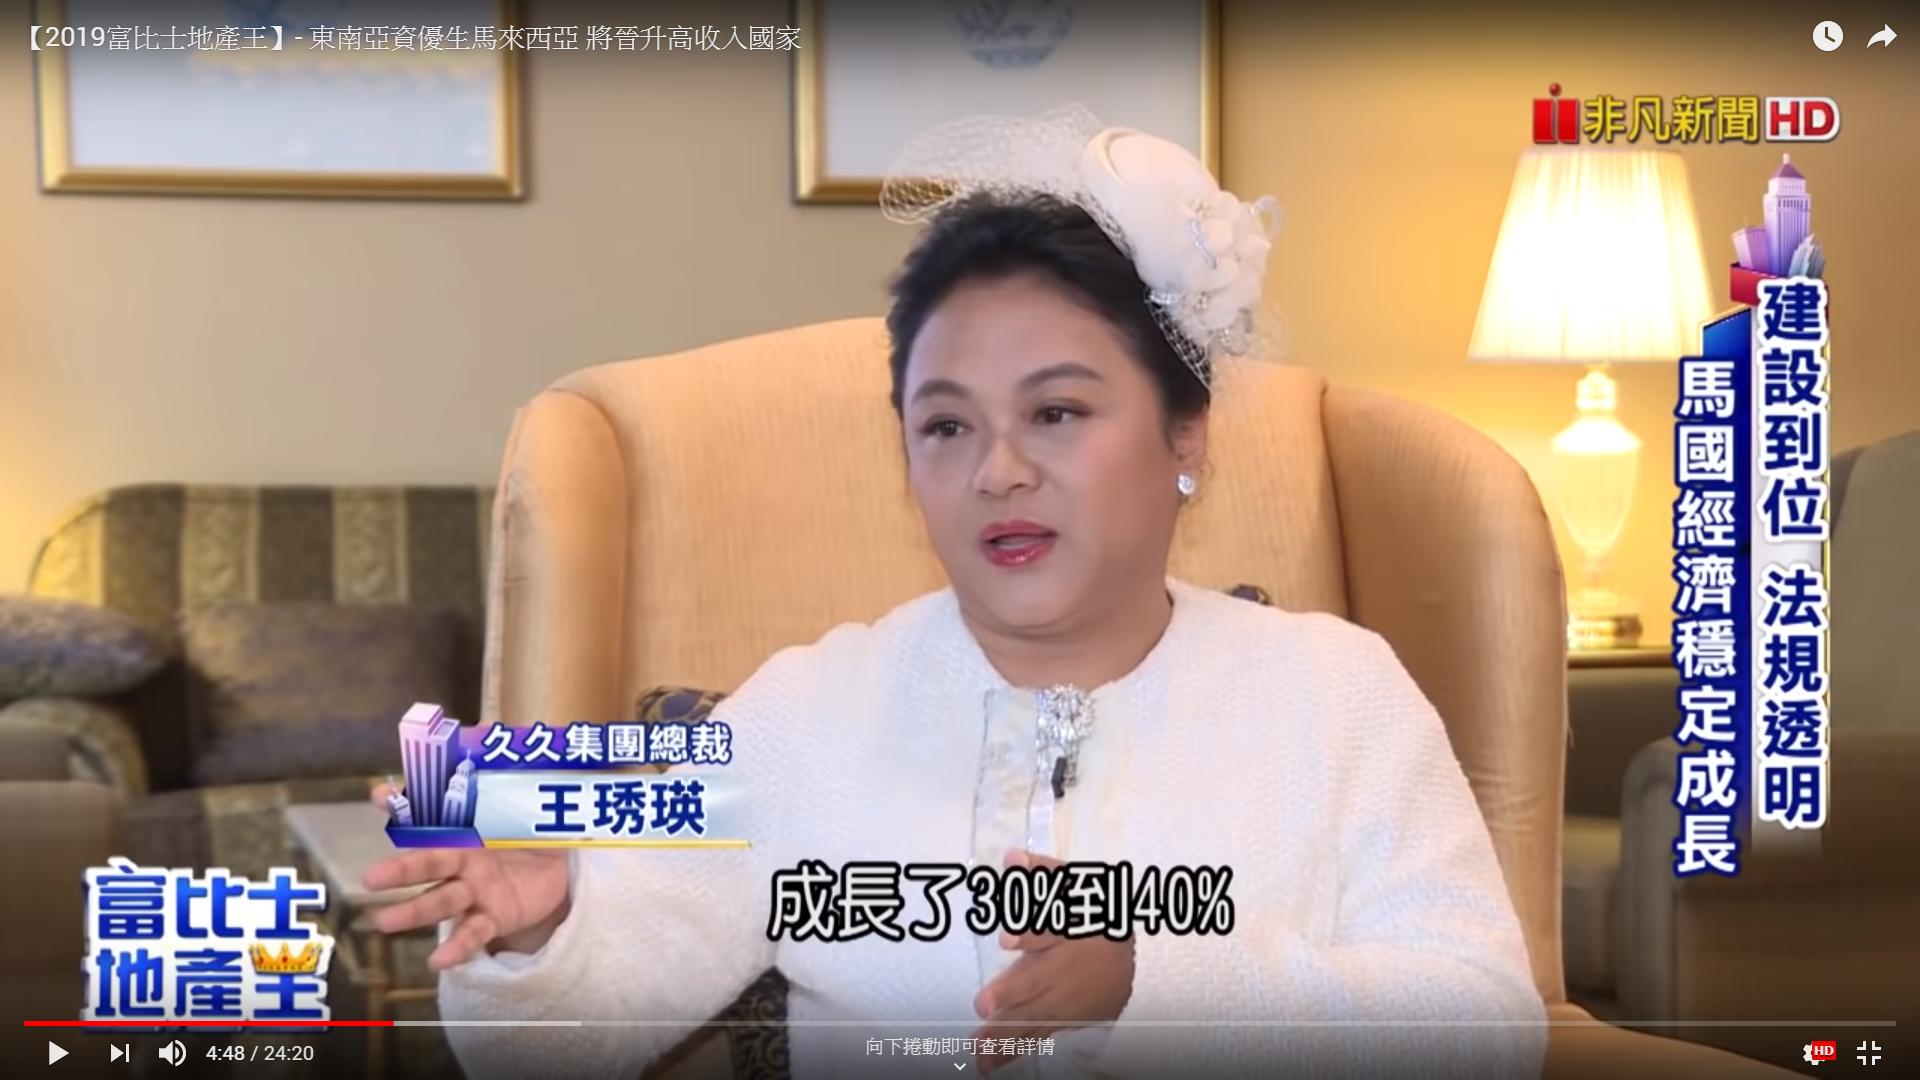 2019.1.30 【2019富比士地產王】- 東南亞資優生馬來西亞 將晉升高收入國家